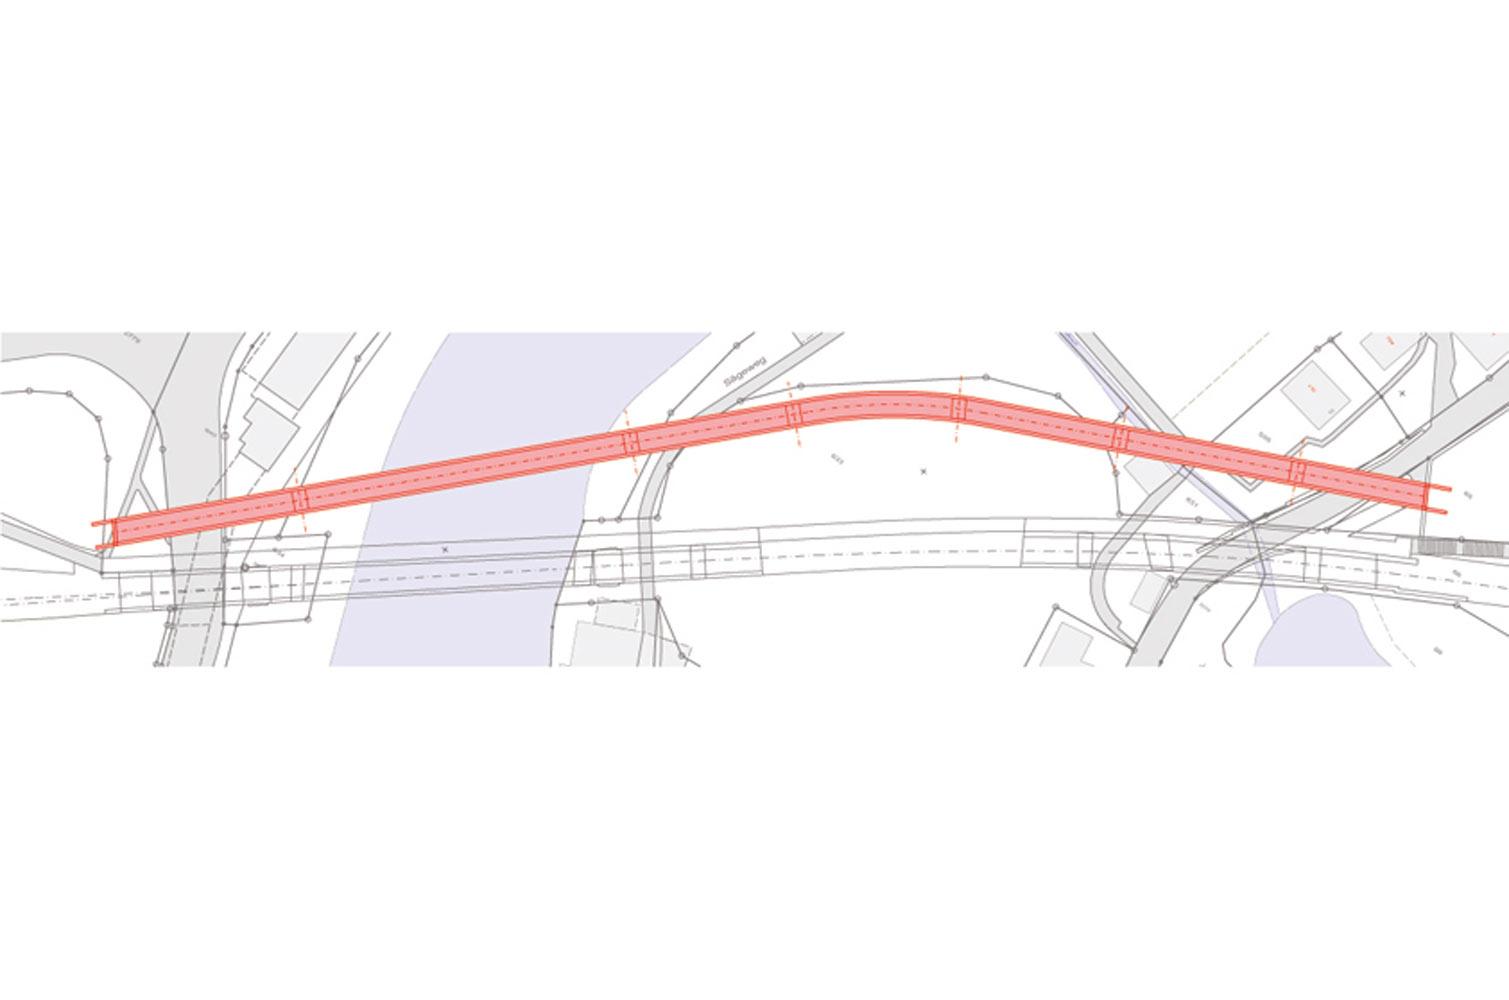 Gestaltungswettbewerb-Neubau-Fussgaengerbruecke-Lichtensteig_plan-2.jpg